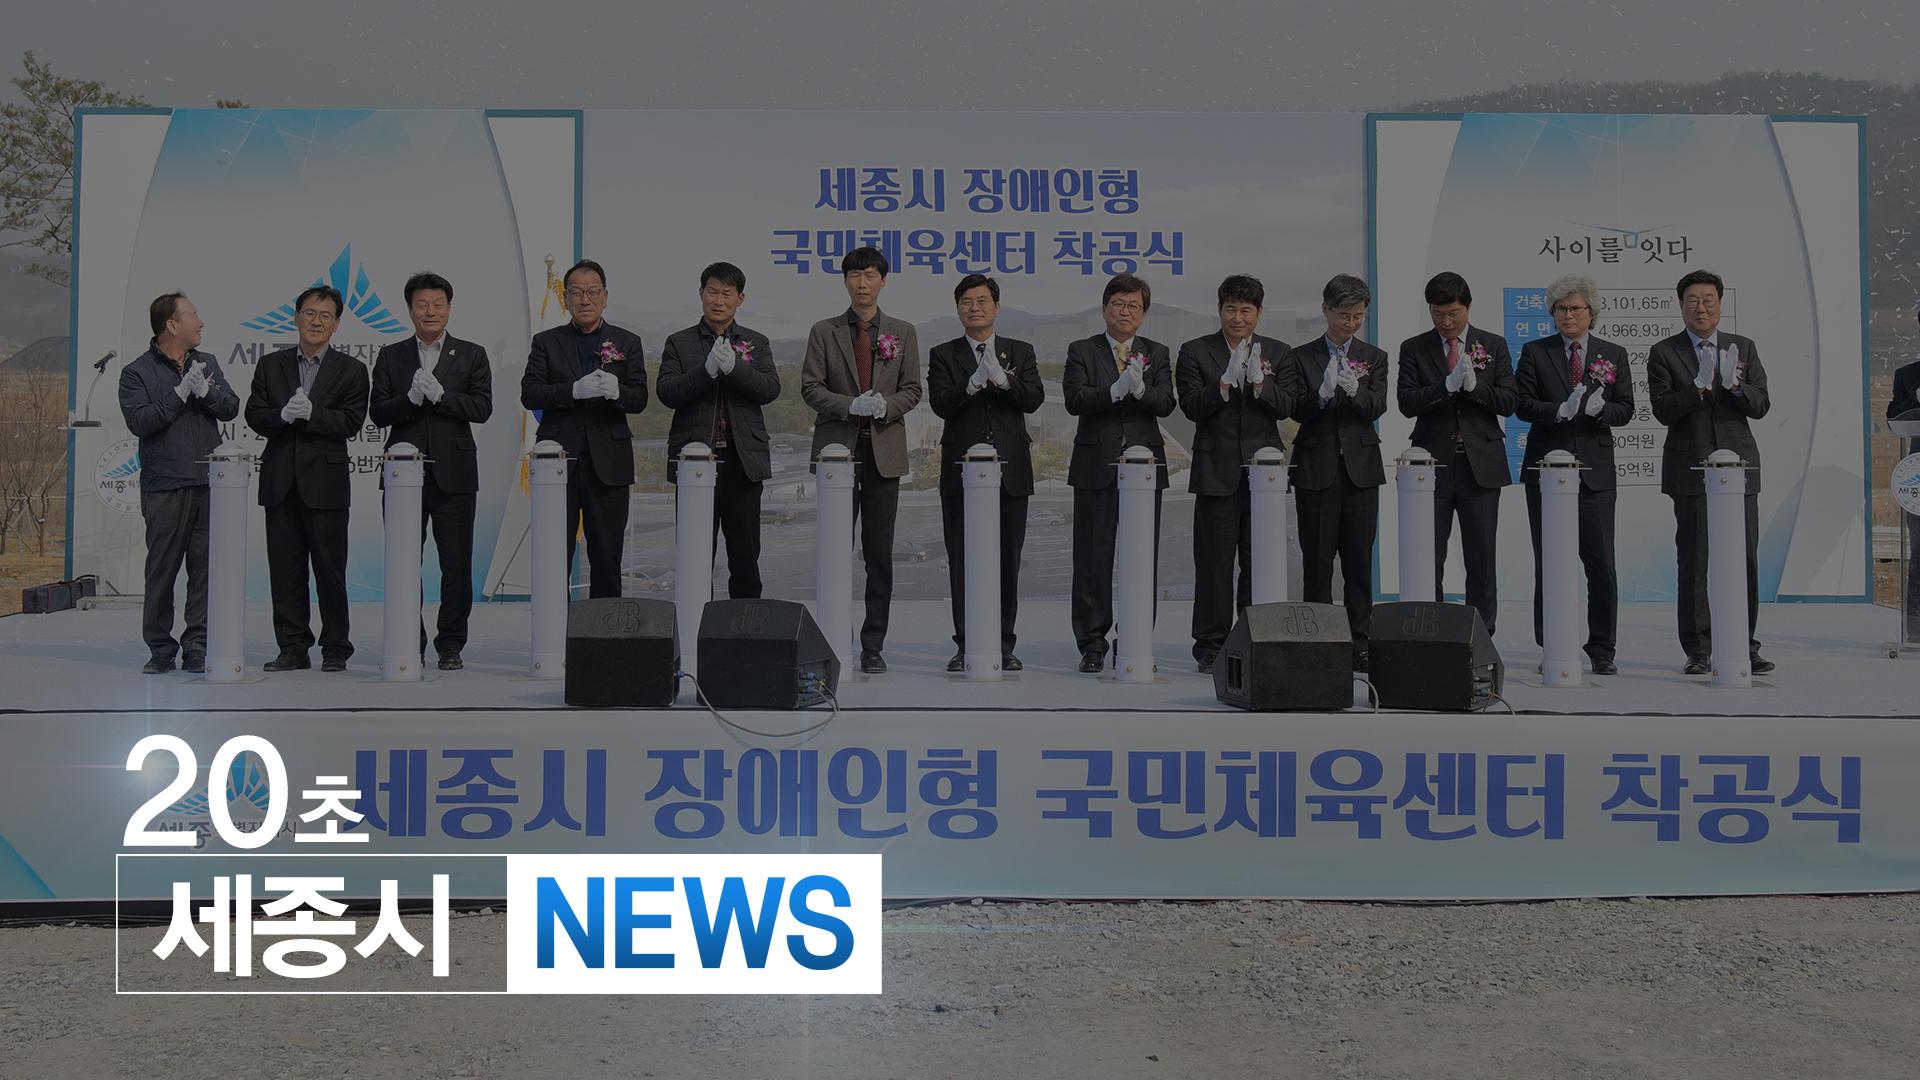 <20초뉴스> 세종시 장애인형 국민체육센터 건립 '첫삽'